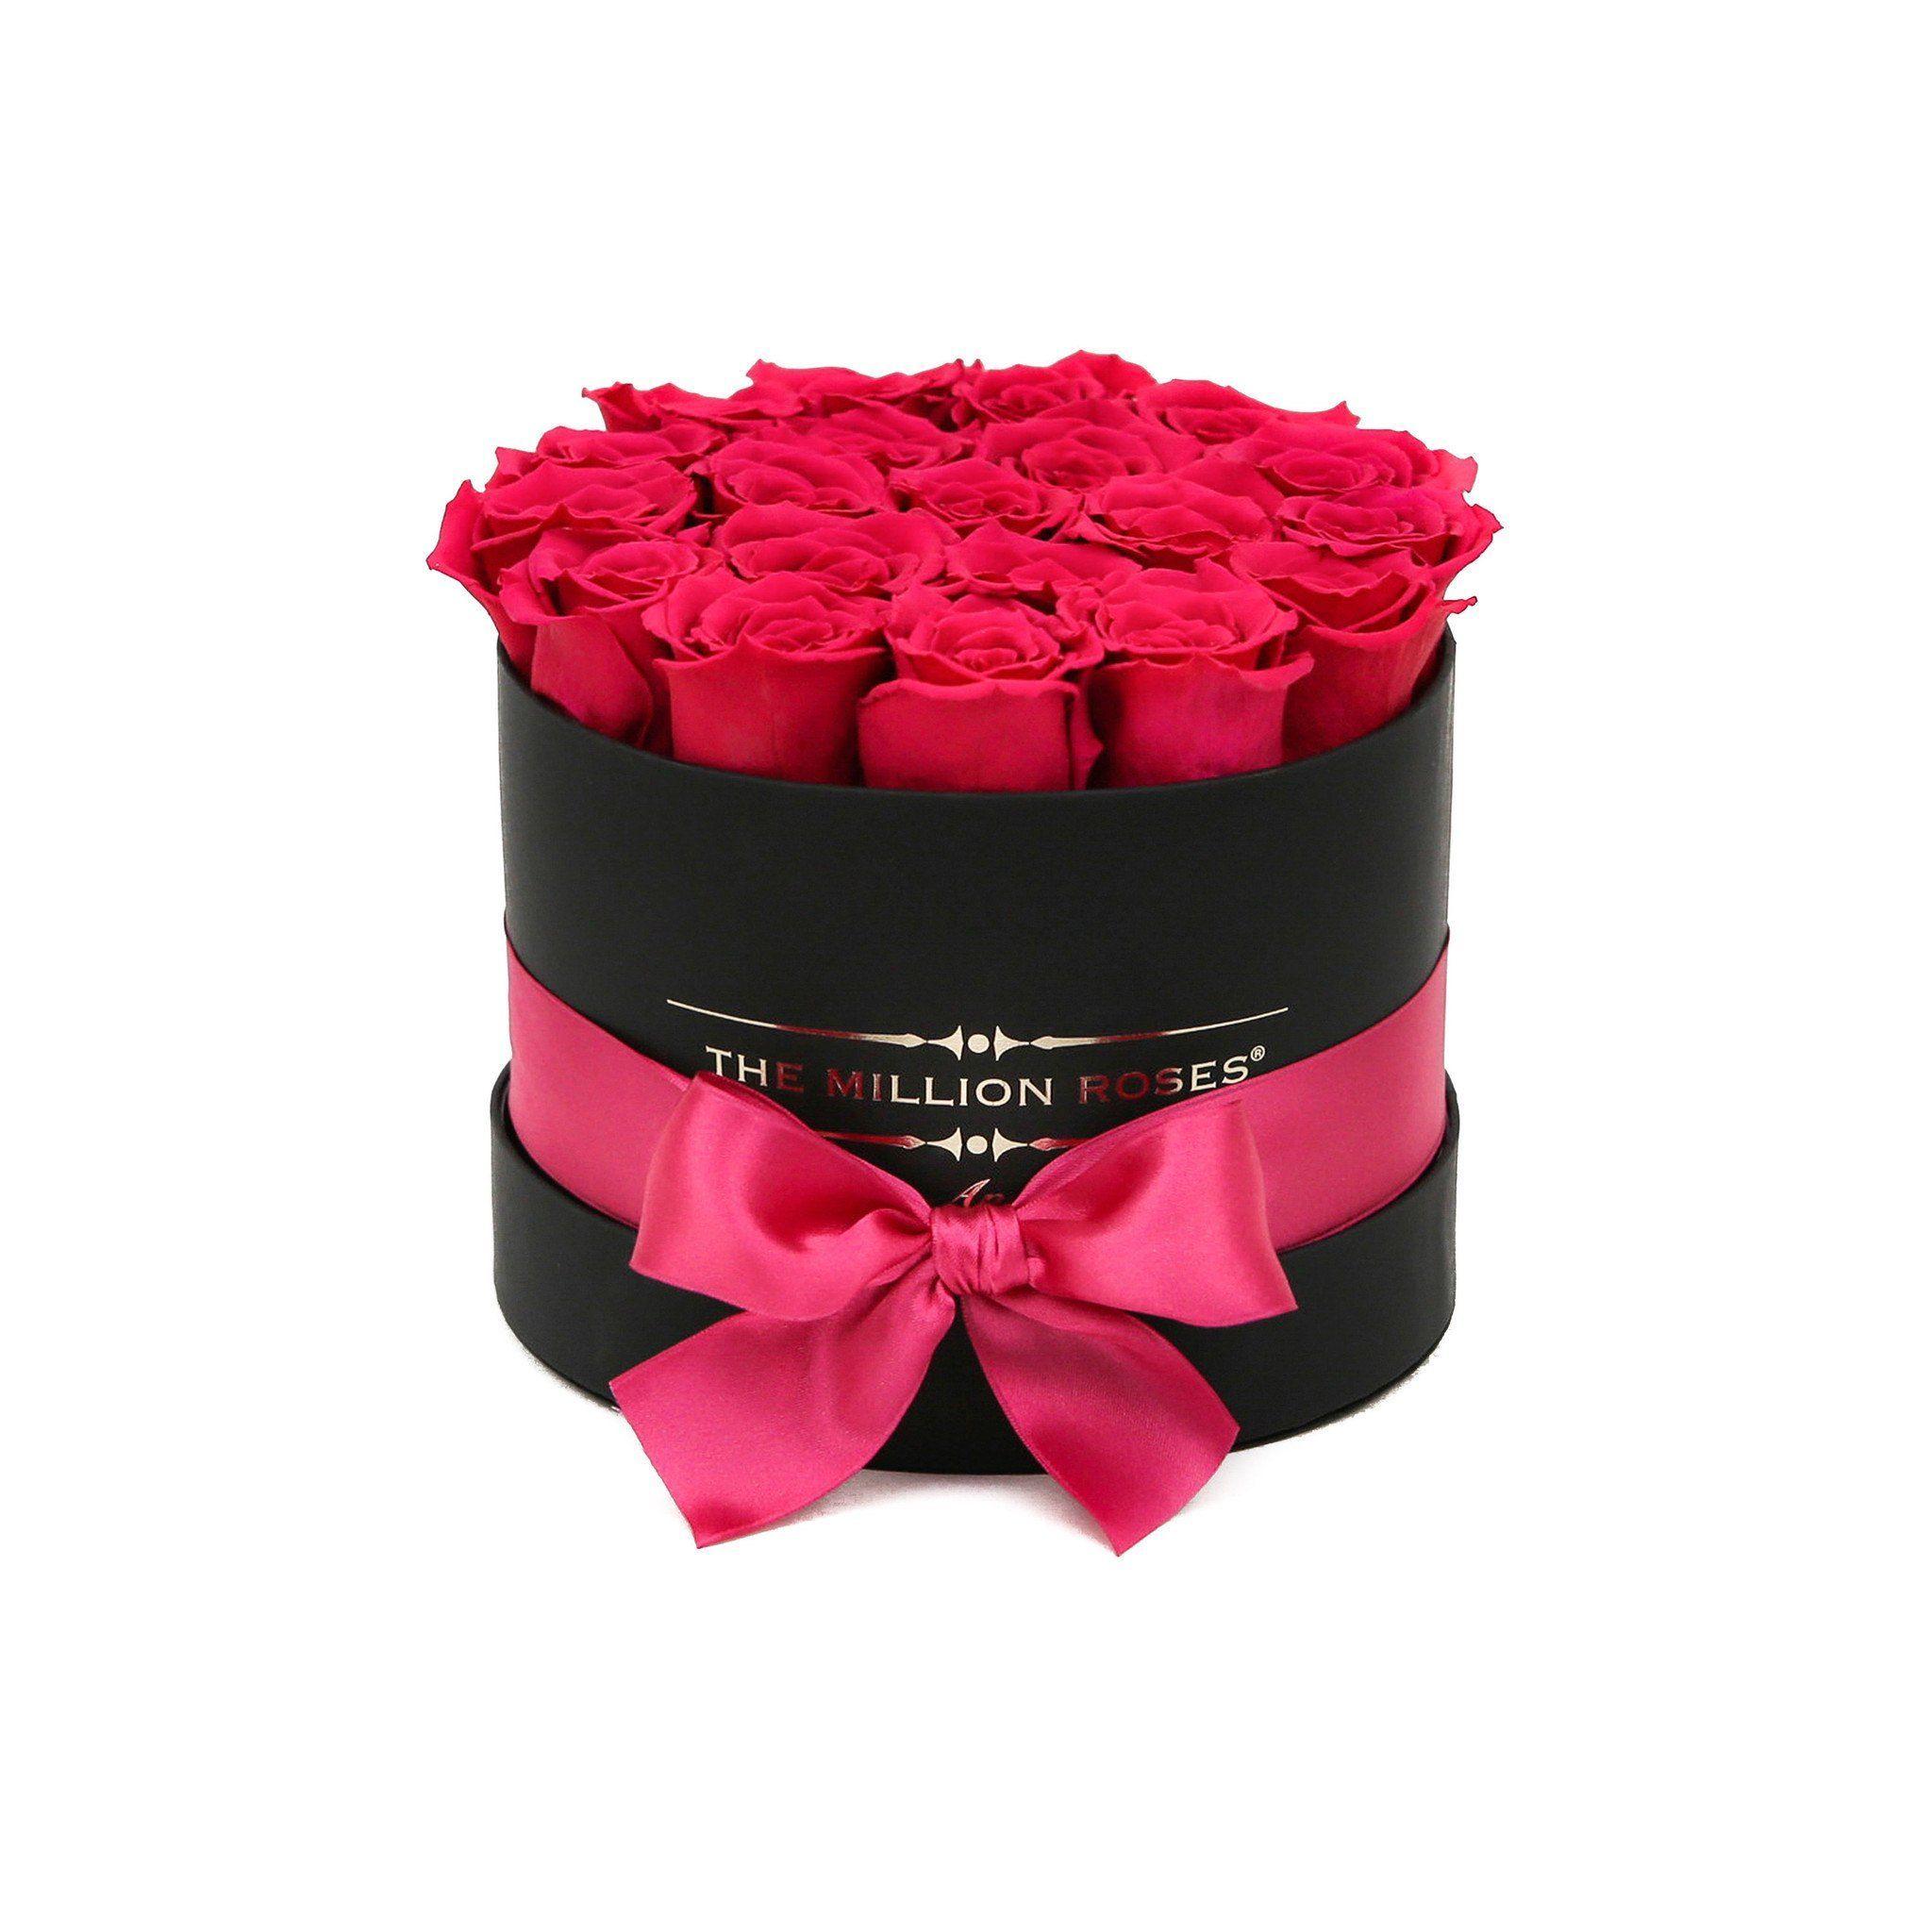 Classic Round Box Black Hot Pink Roses Round Box Hot Pink Roses Pink Roses